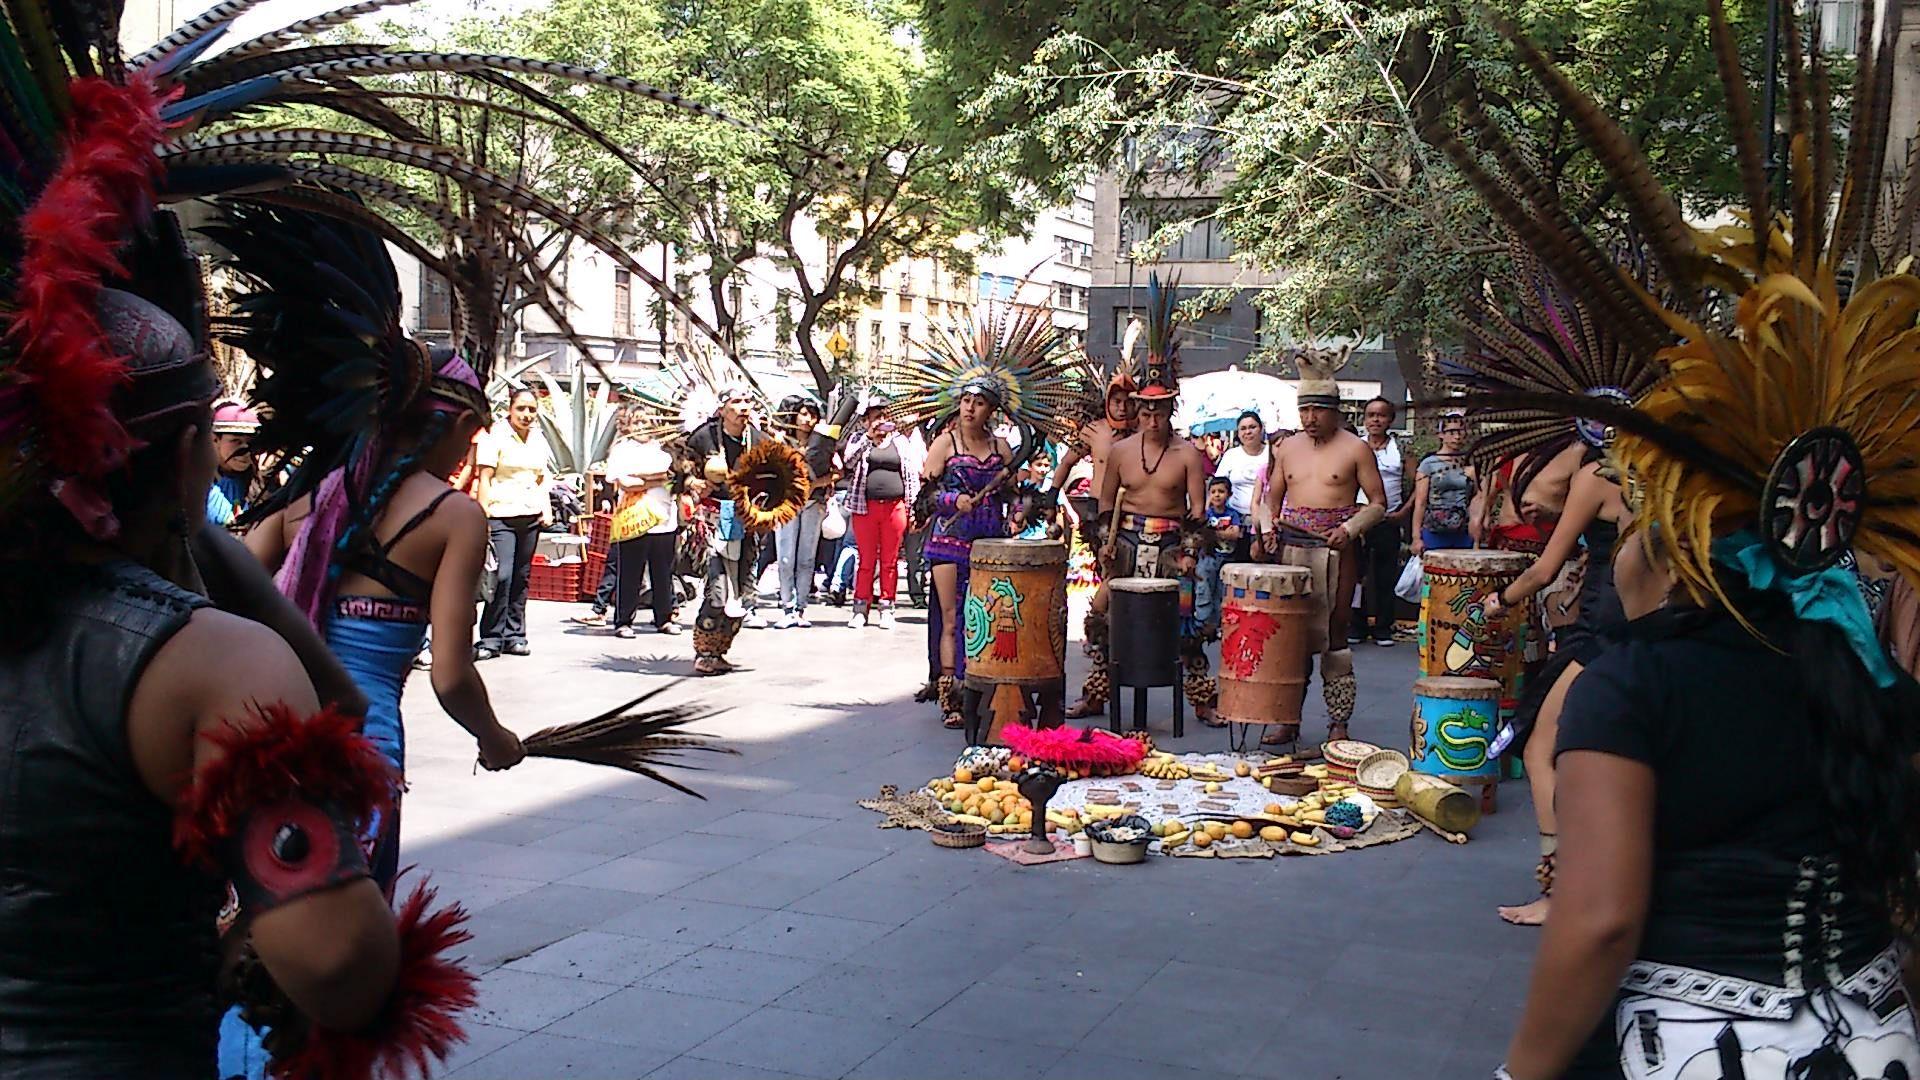 aztec drums